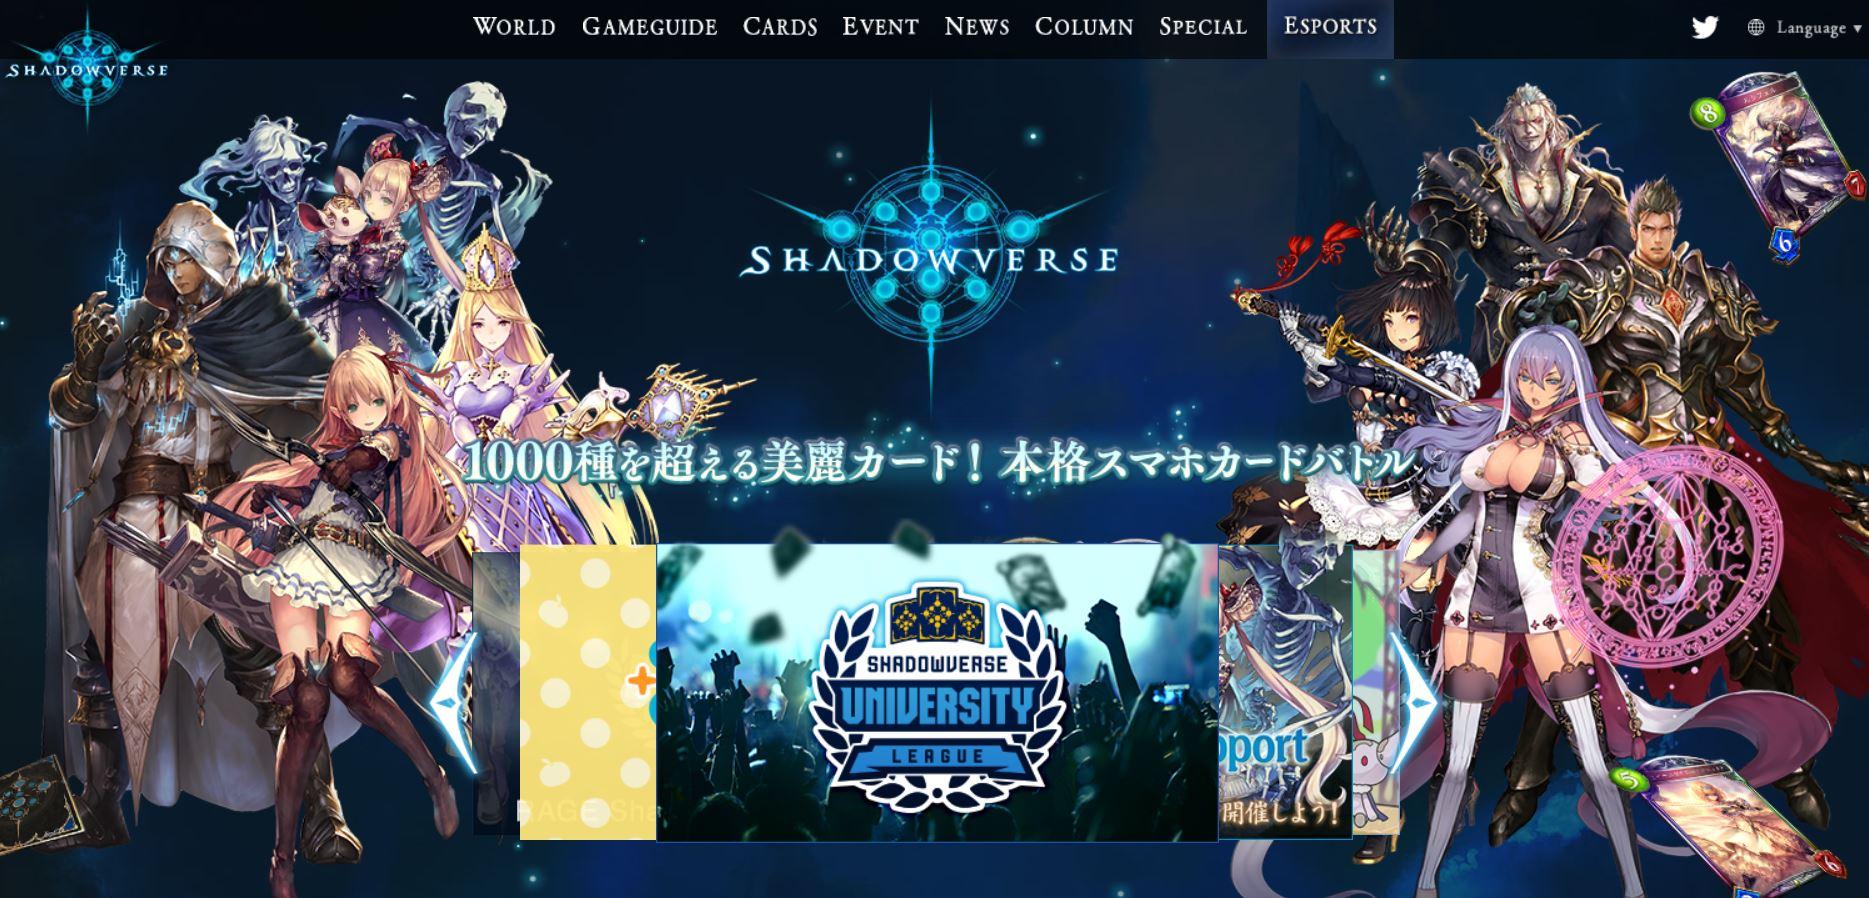 Shadowverse公式サイトトップ画像